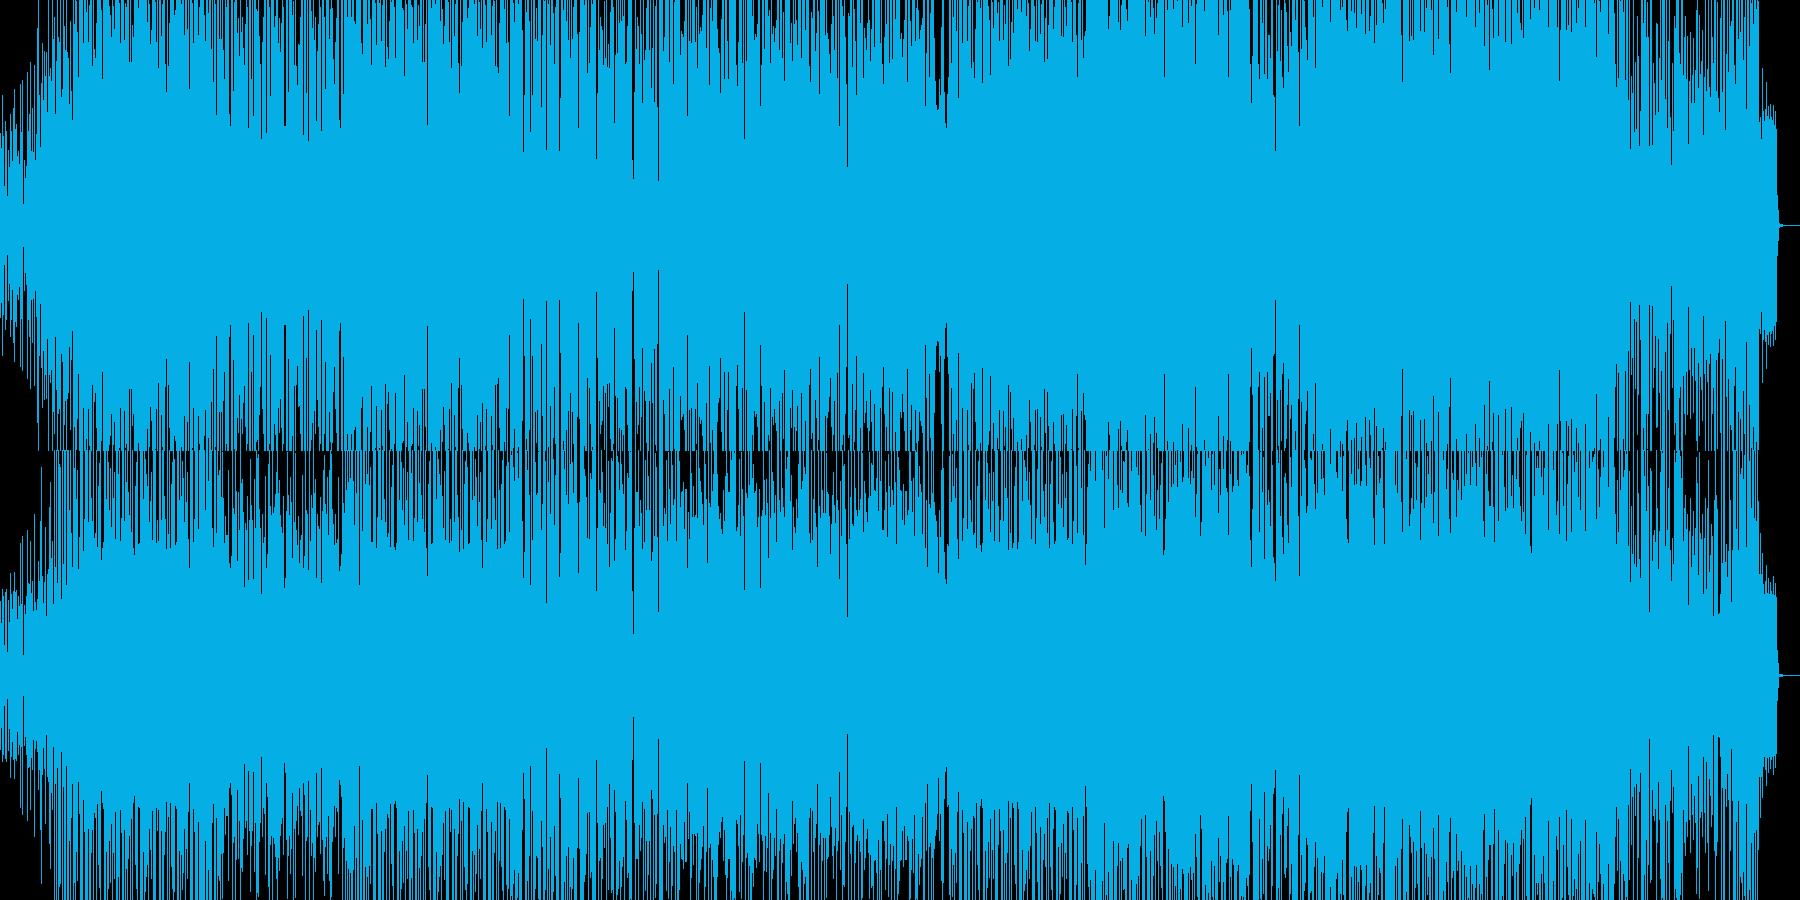 サルサ。ほぼパーカッションとピアノ...の再生済みの波形